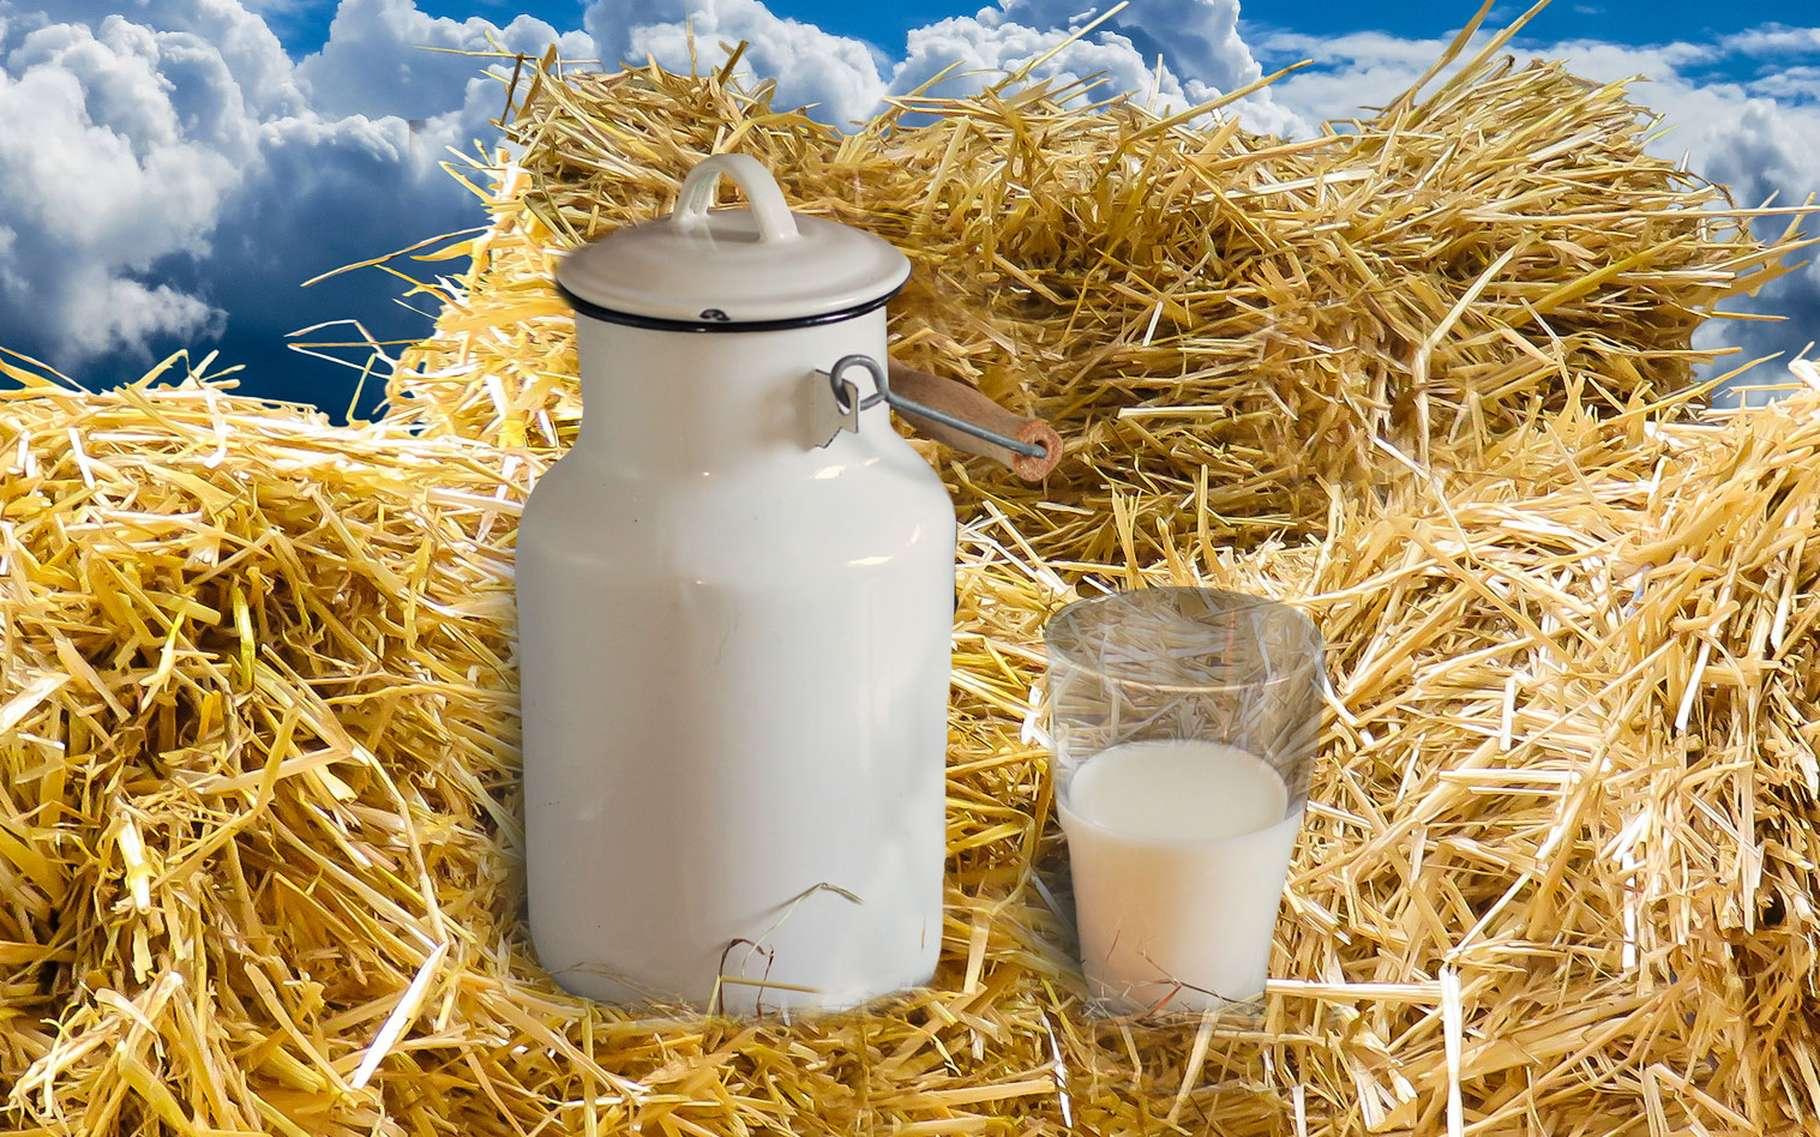 Le pot au lait de Perrette. © DP